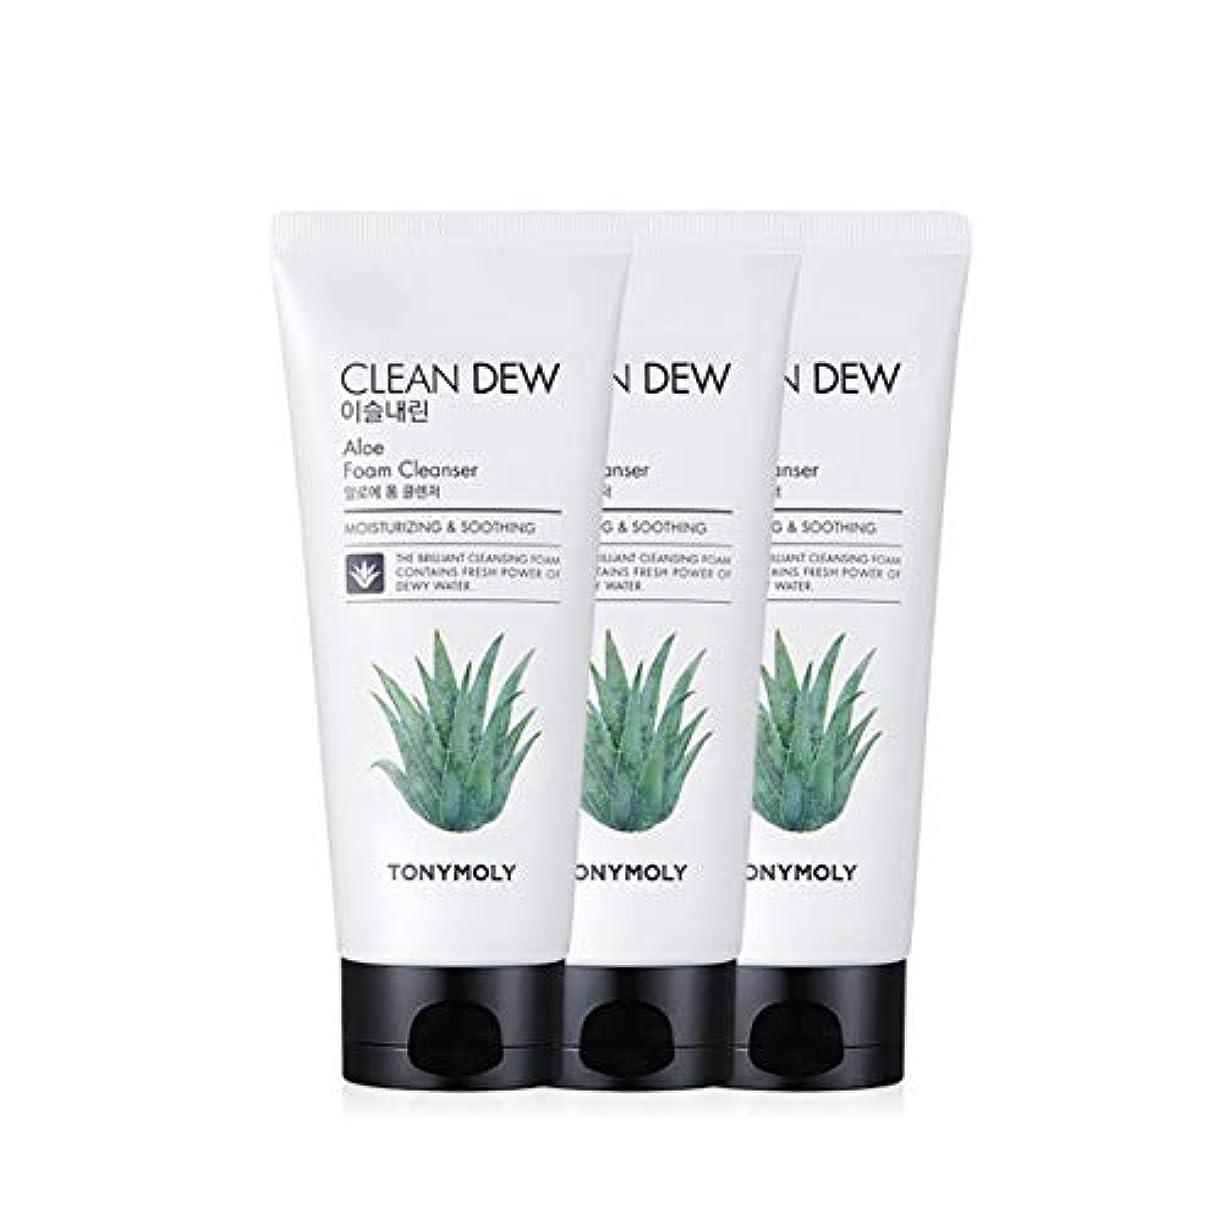 他にビジュアル栄光トニーモリークリーンデューアロエフォームクレンザー180mlx3本セット韓国コスメ、Tonymoly Clean Dew Aloe Foam Cleanser 180ml x 3ea Set Korean Cosmetics [並行輸入品]